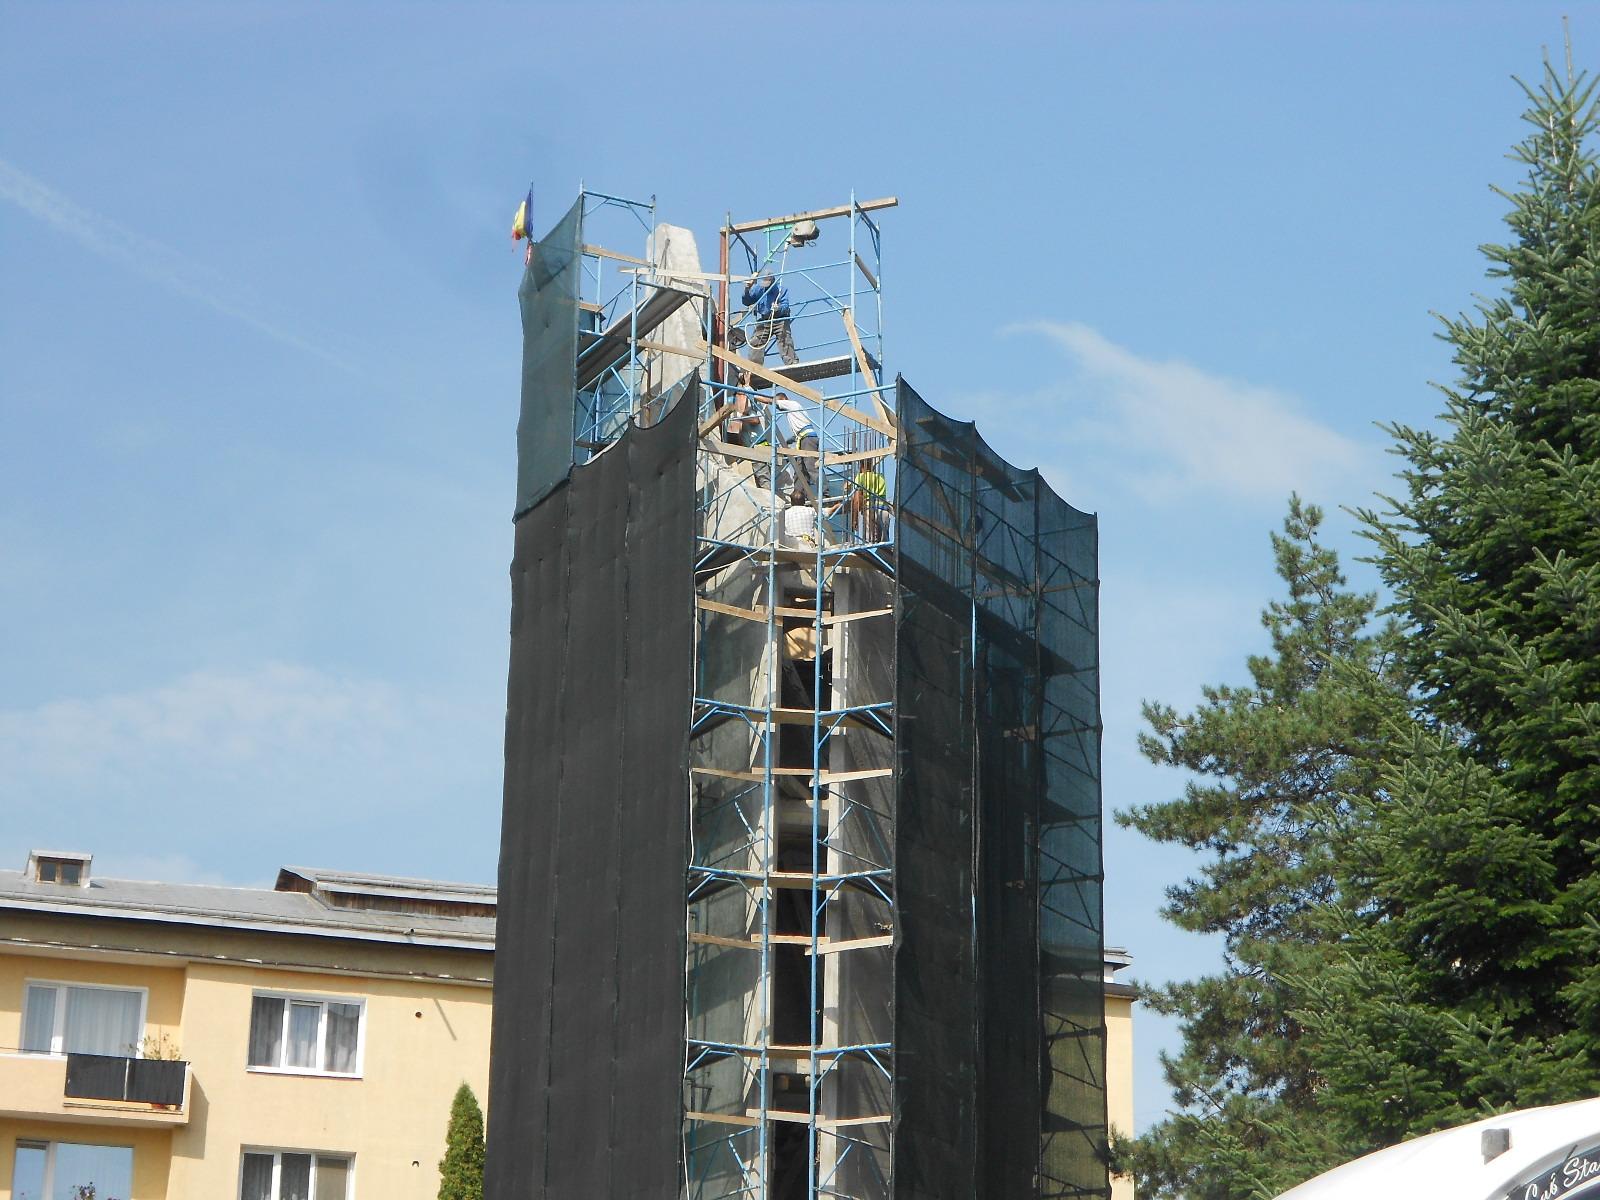 Cruce sfințită pe clopotnița bisericii din spatele Palatului de Justiție Suceava